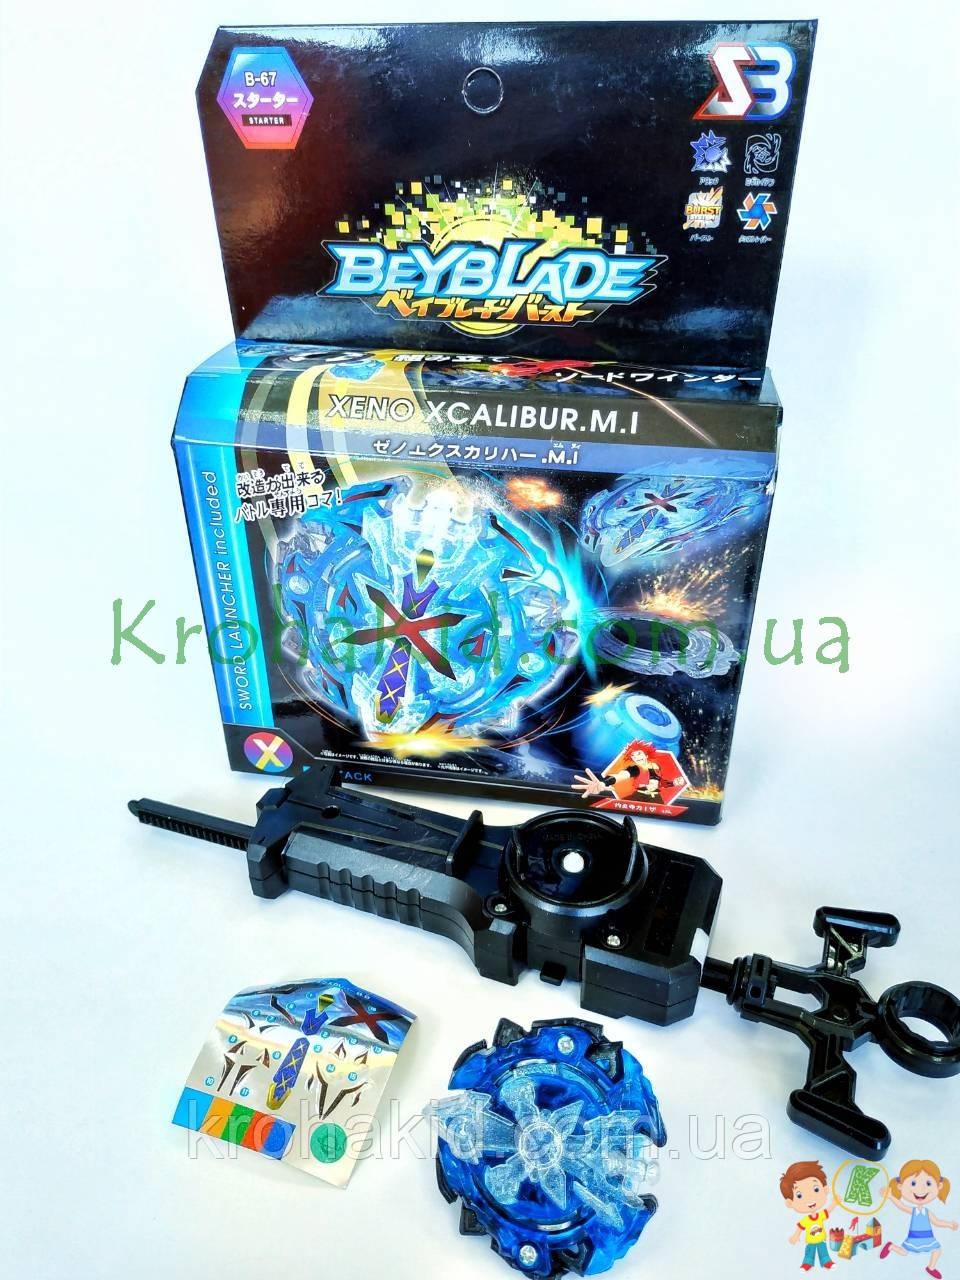 BeyBlade Xeno Xcalibur B-00 / Бейблейд Экскалибур синий/ледяной (синий с черным) S3